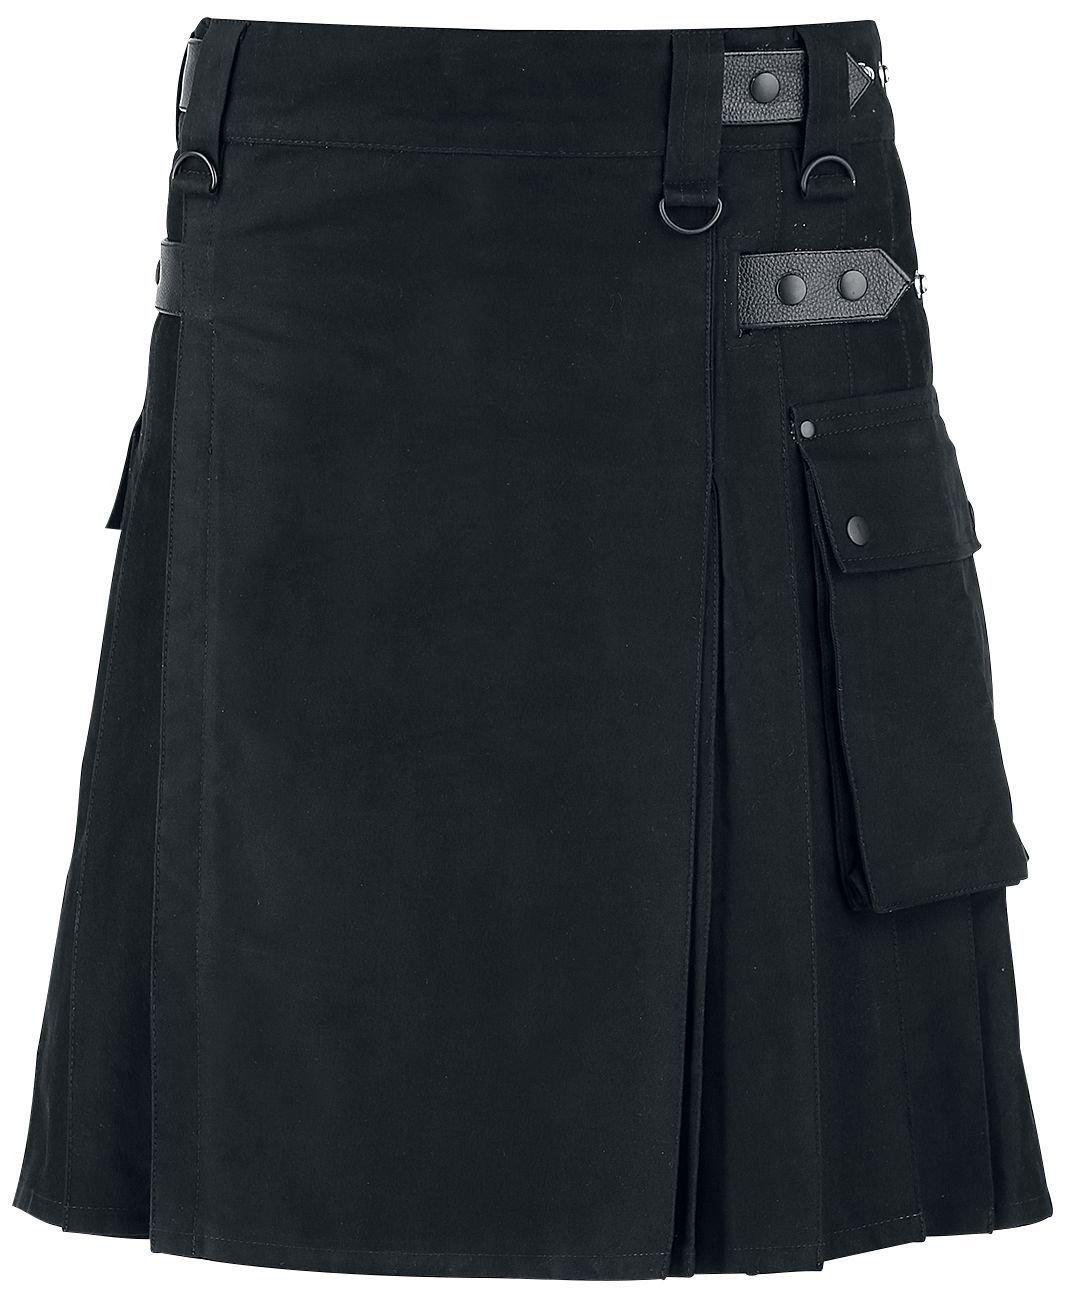 New Men's Scottish Utility Kilt Black 100% Cotton Custom Made Handmade Adult Kilt (46, Black Kilt)